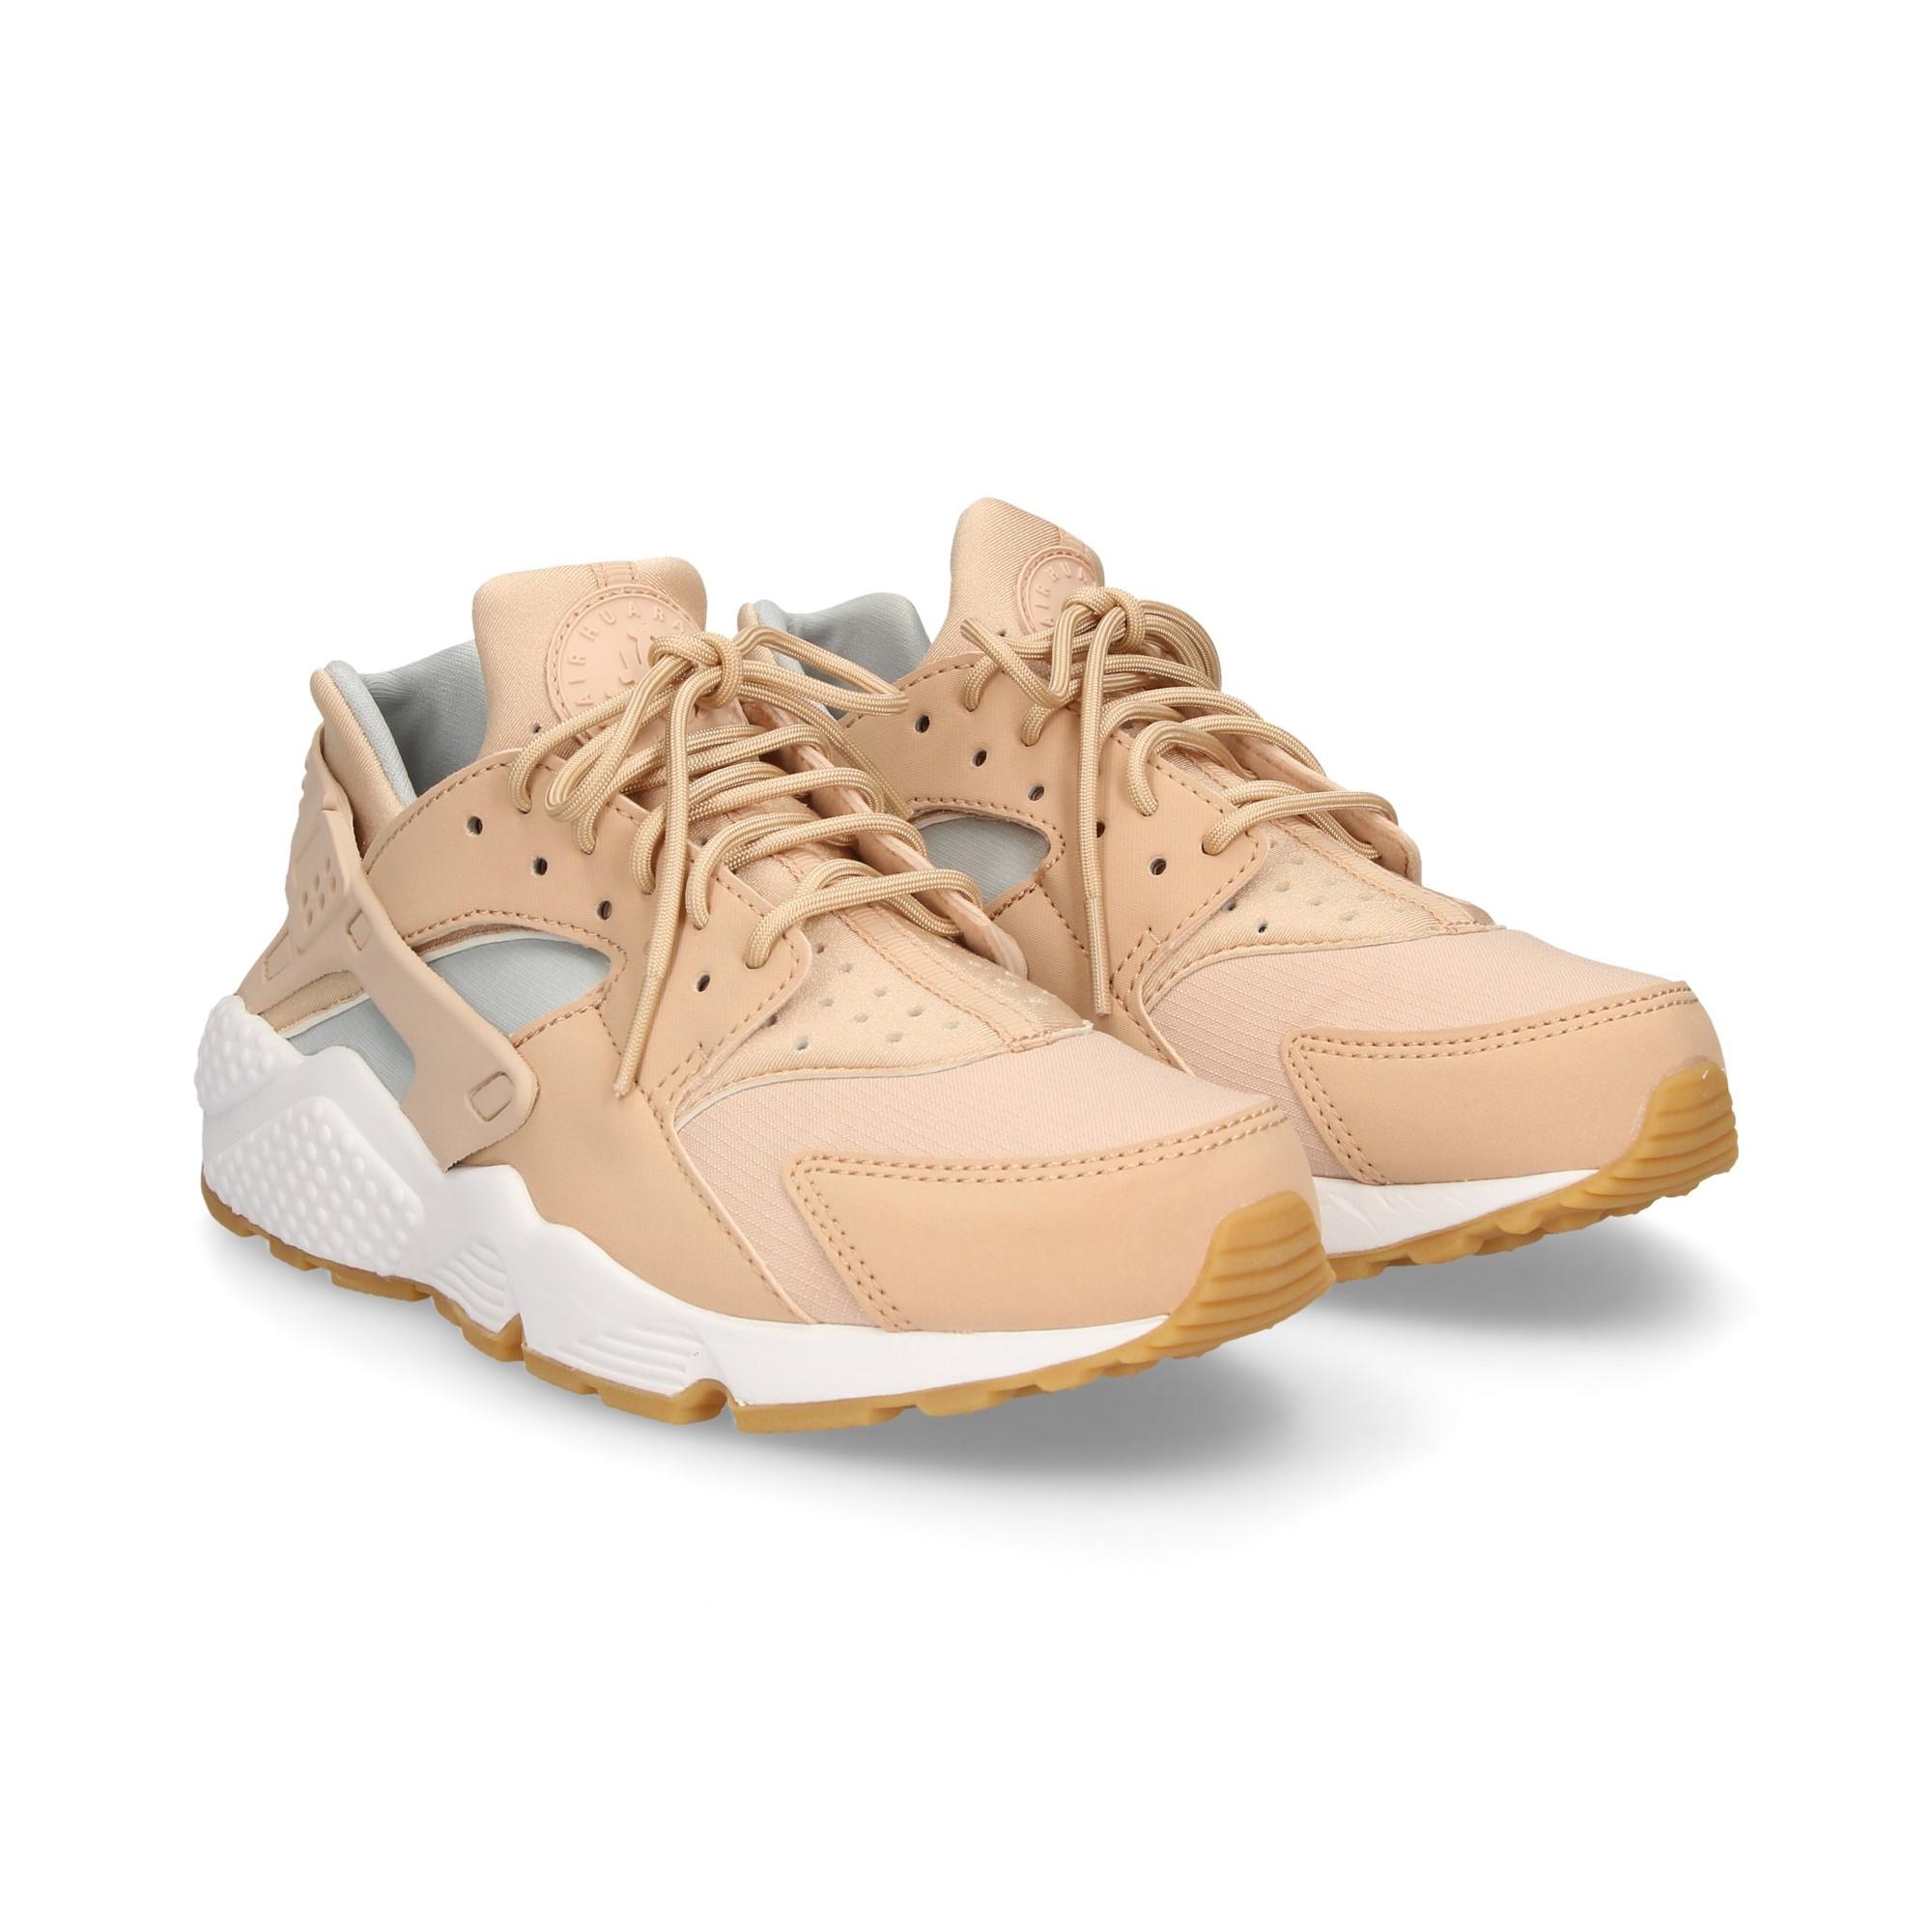 6a890f895e8846 NIKE Women s Sneakers 634835 204 BEIGE